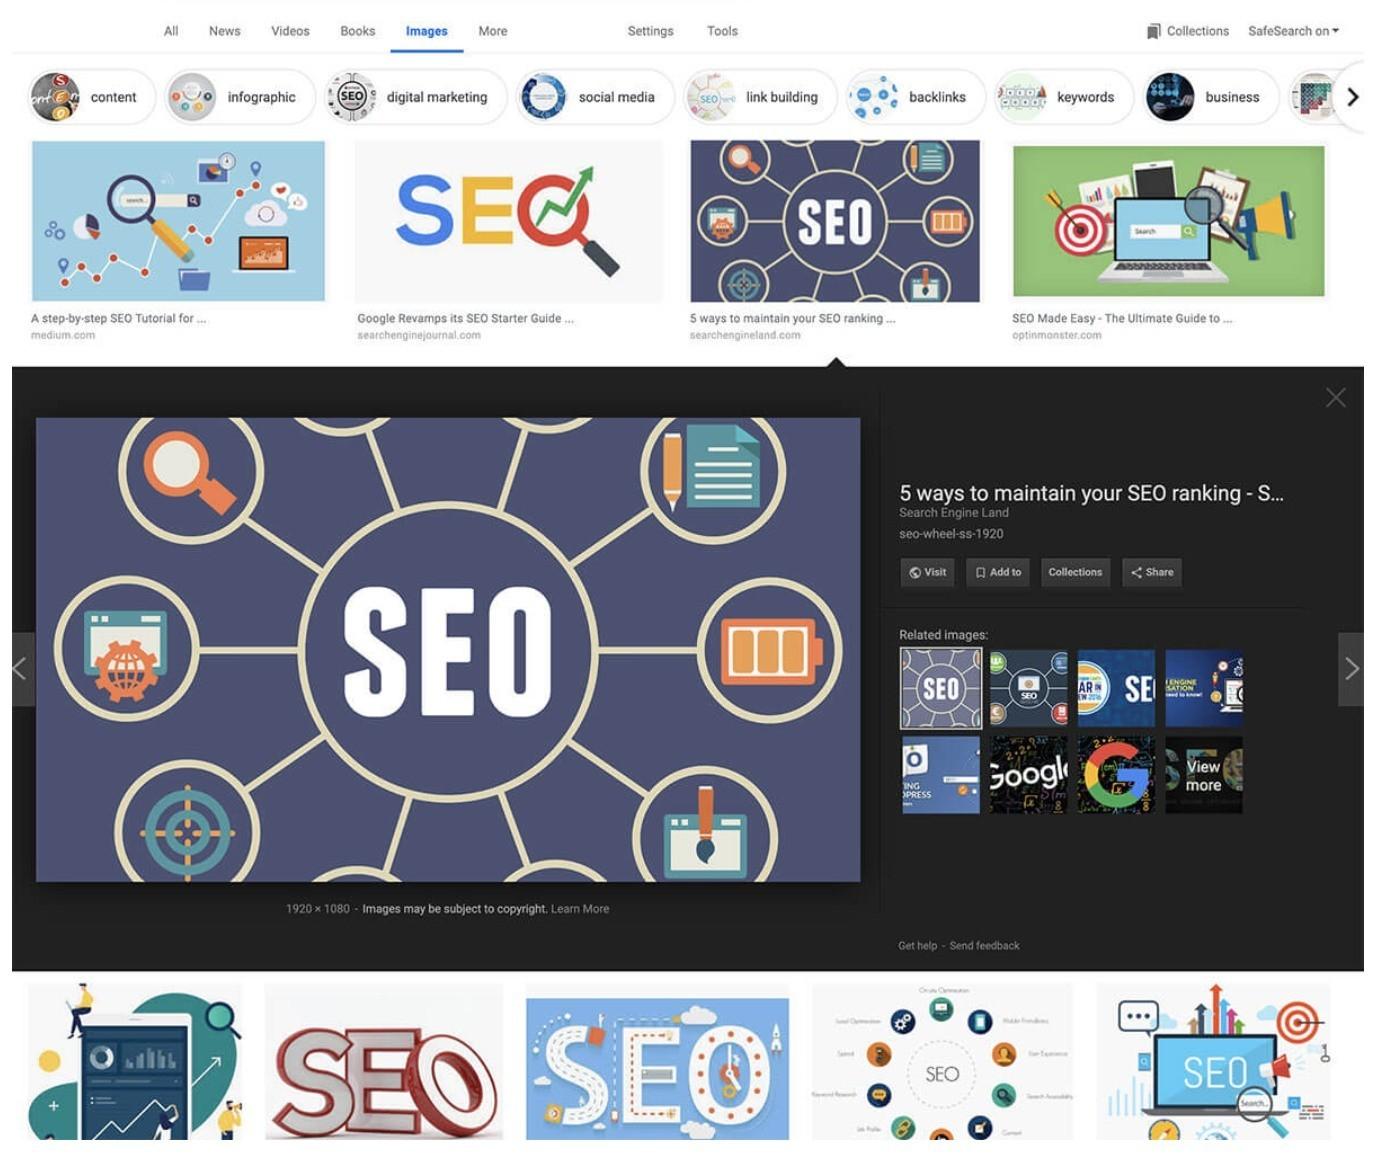 Google搜圖引擎-舊版預覽窗格 鯊客科技SEO優化網路行銷公司